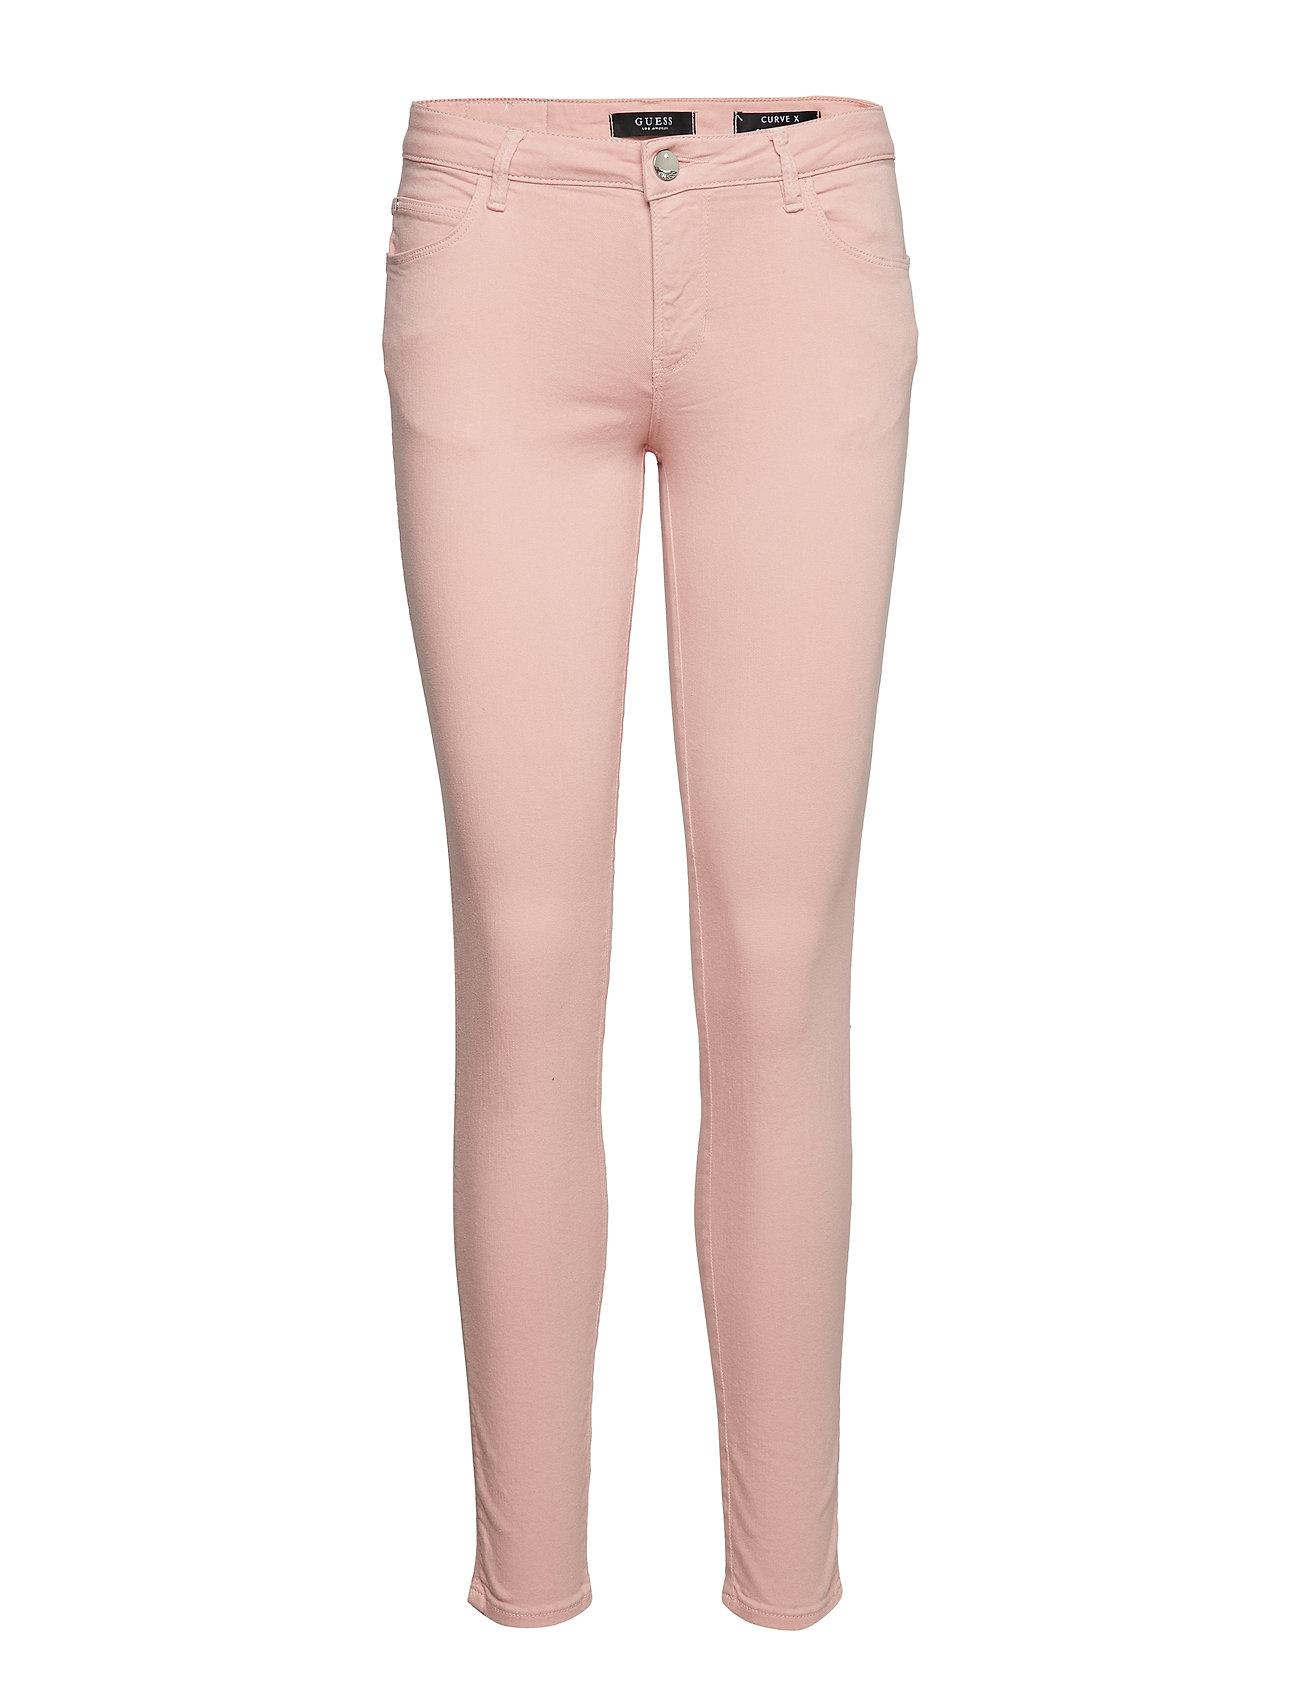 GUESS Jeans CURVE X - DESERT PETAL